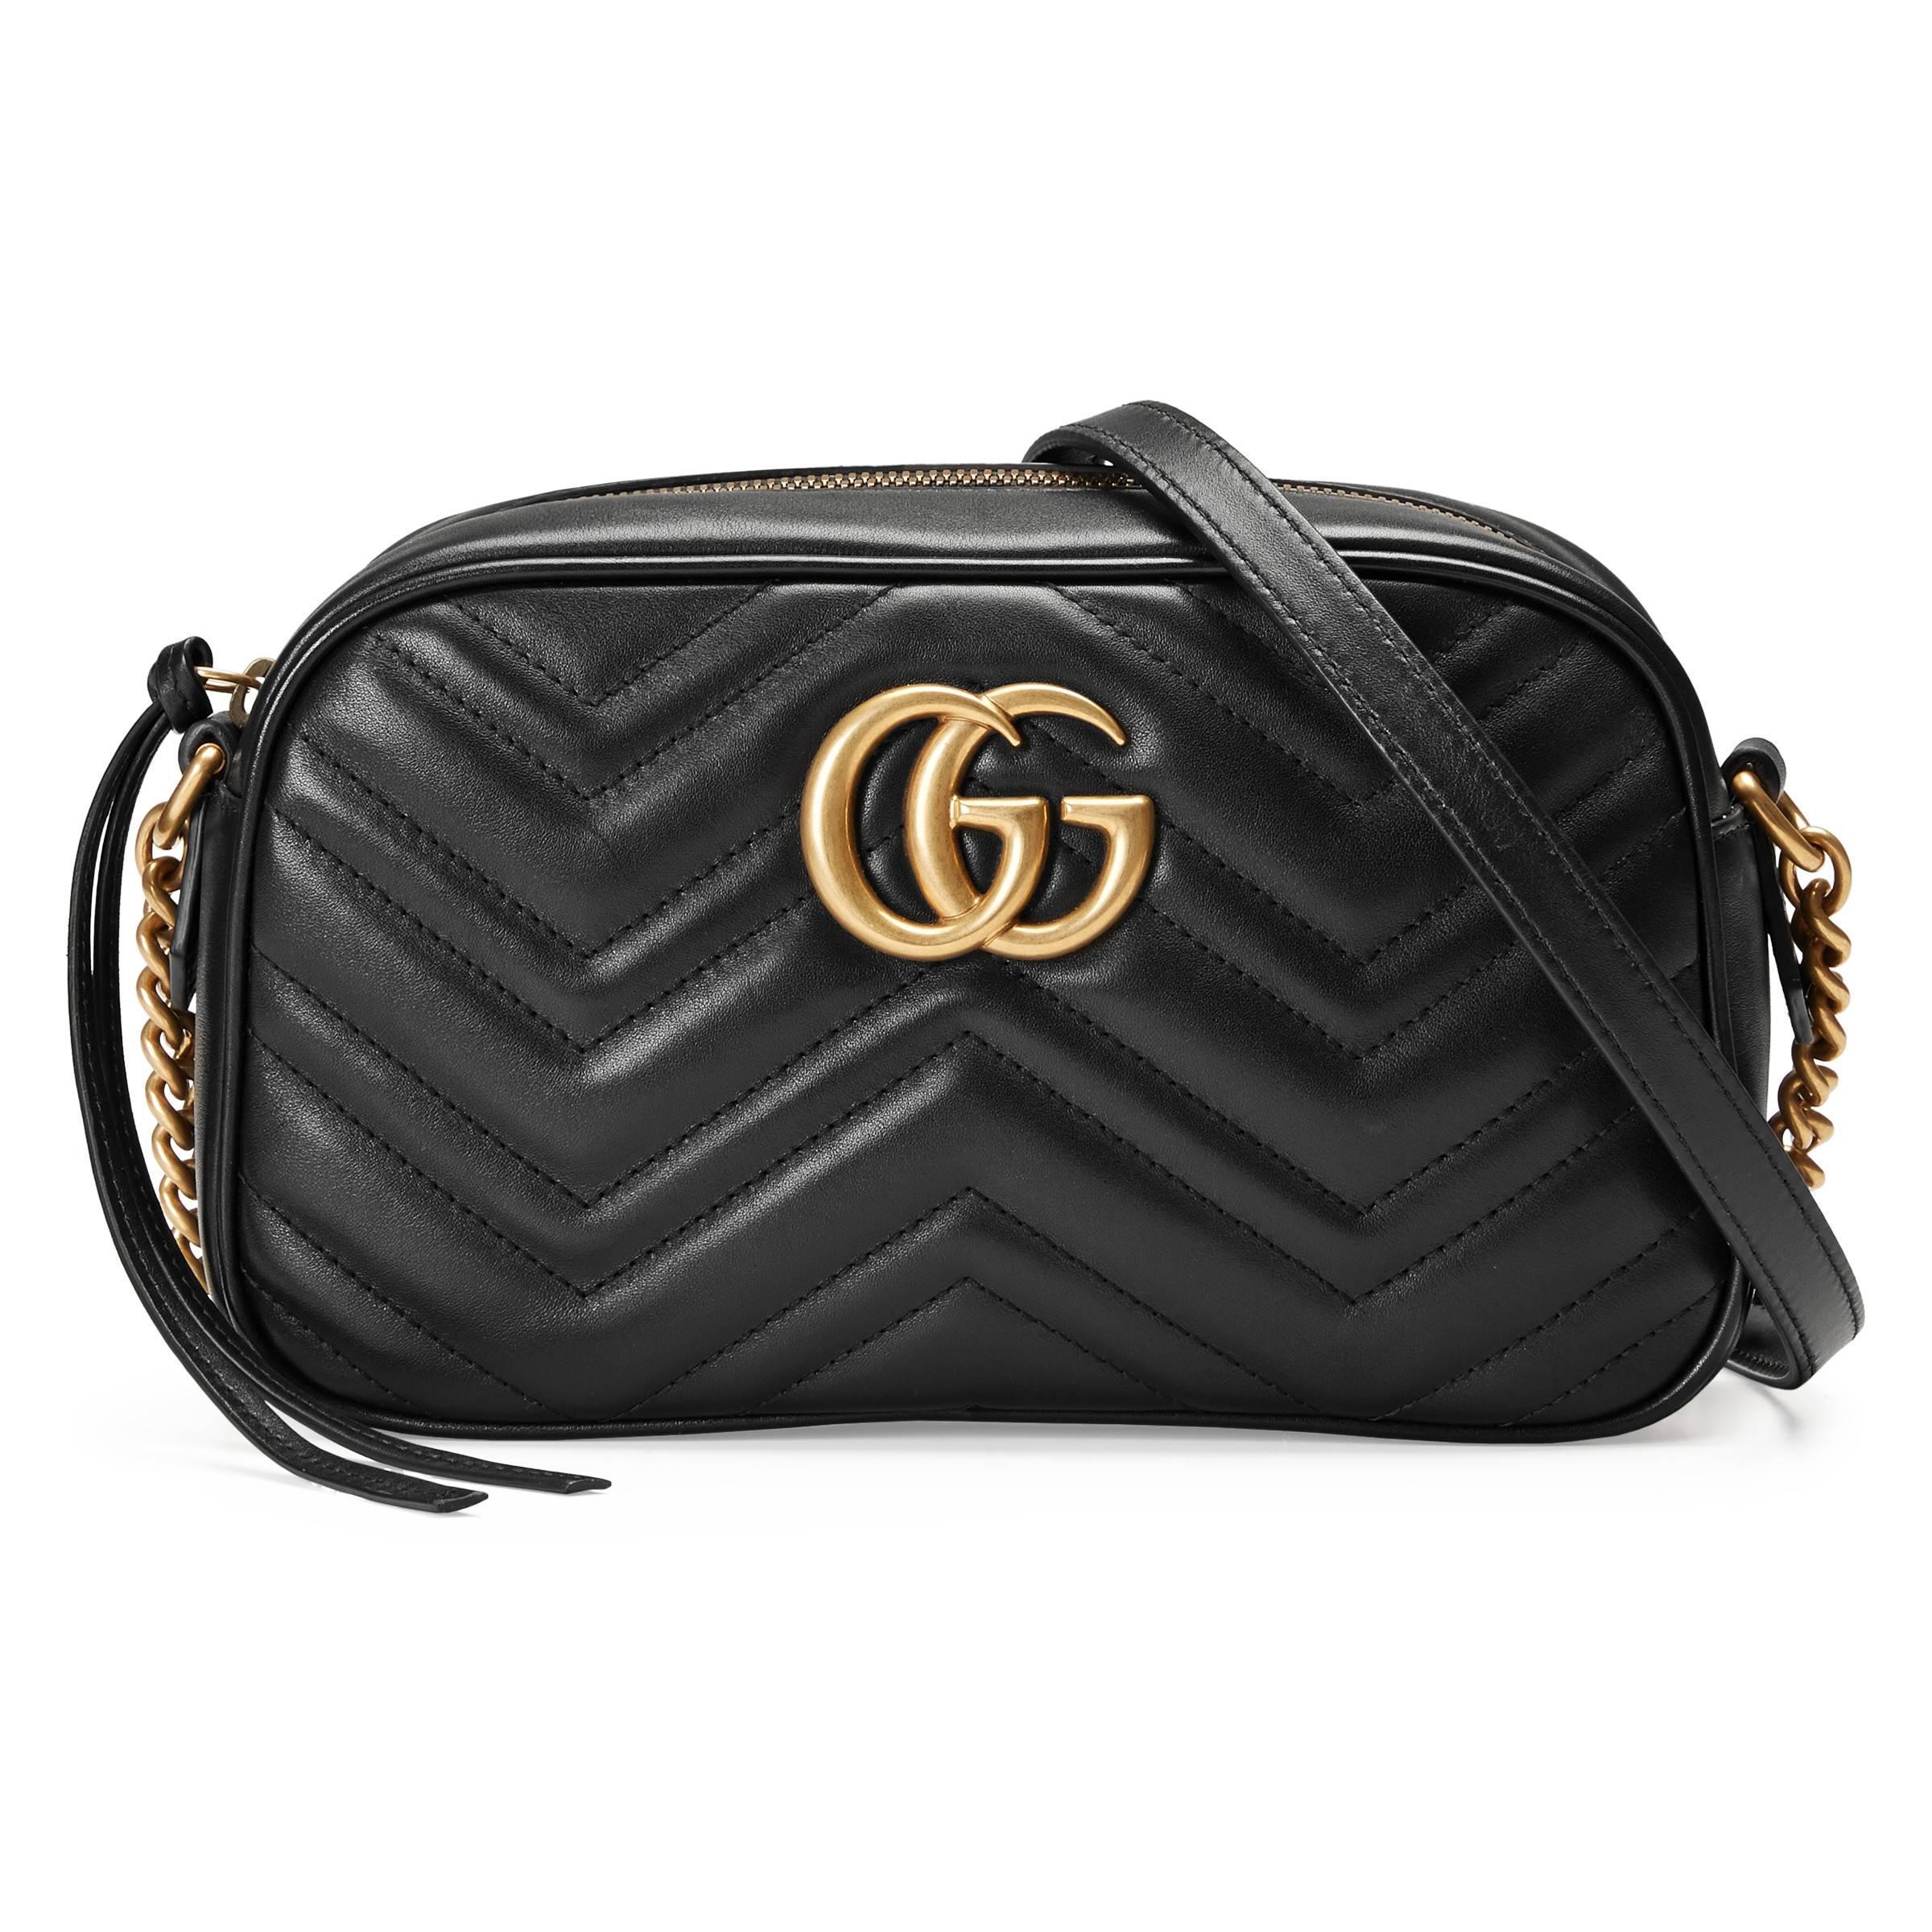 Lyst - Sac à épaule petite taille à motif GG Marmont matelassé Gucci ... a693a6f79d1